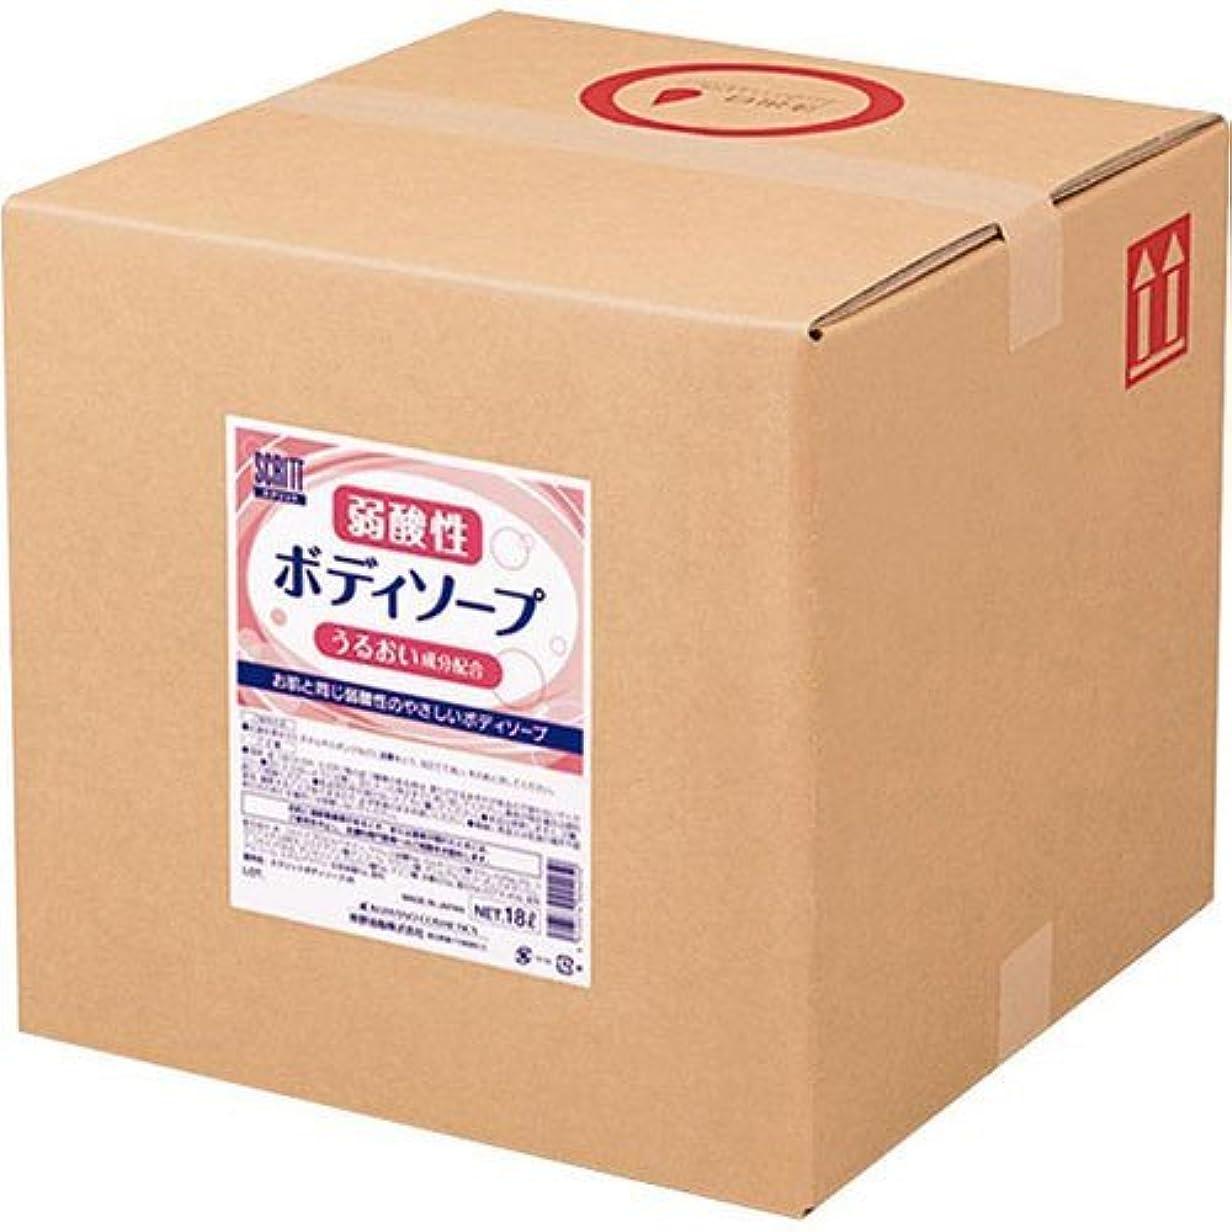 ネイティブマントルポール熊野油脂 業務用 SCRITT(スクリット) 弱酸性ボディソープ 18L